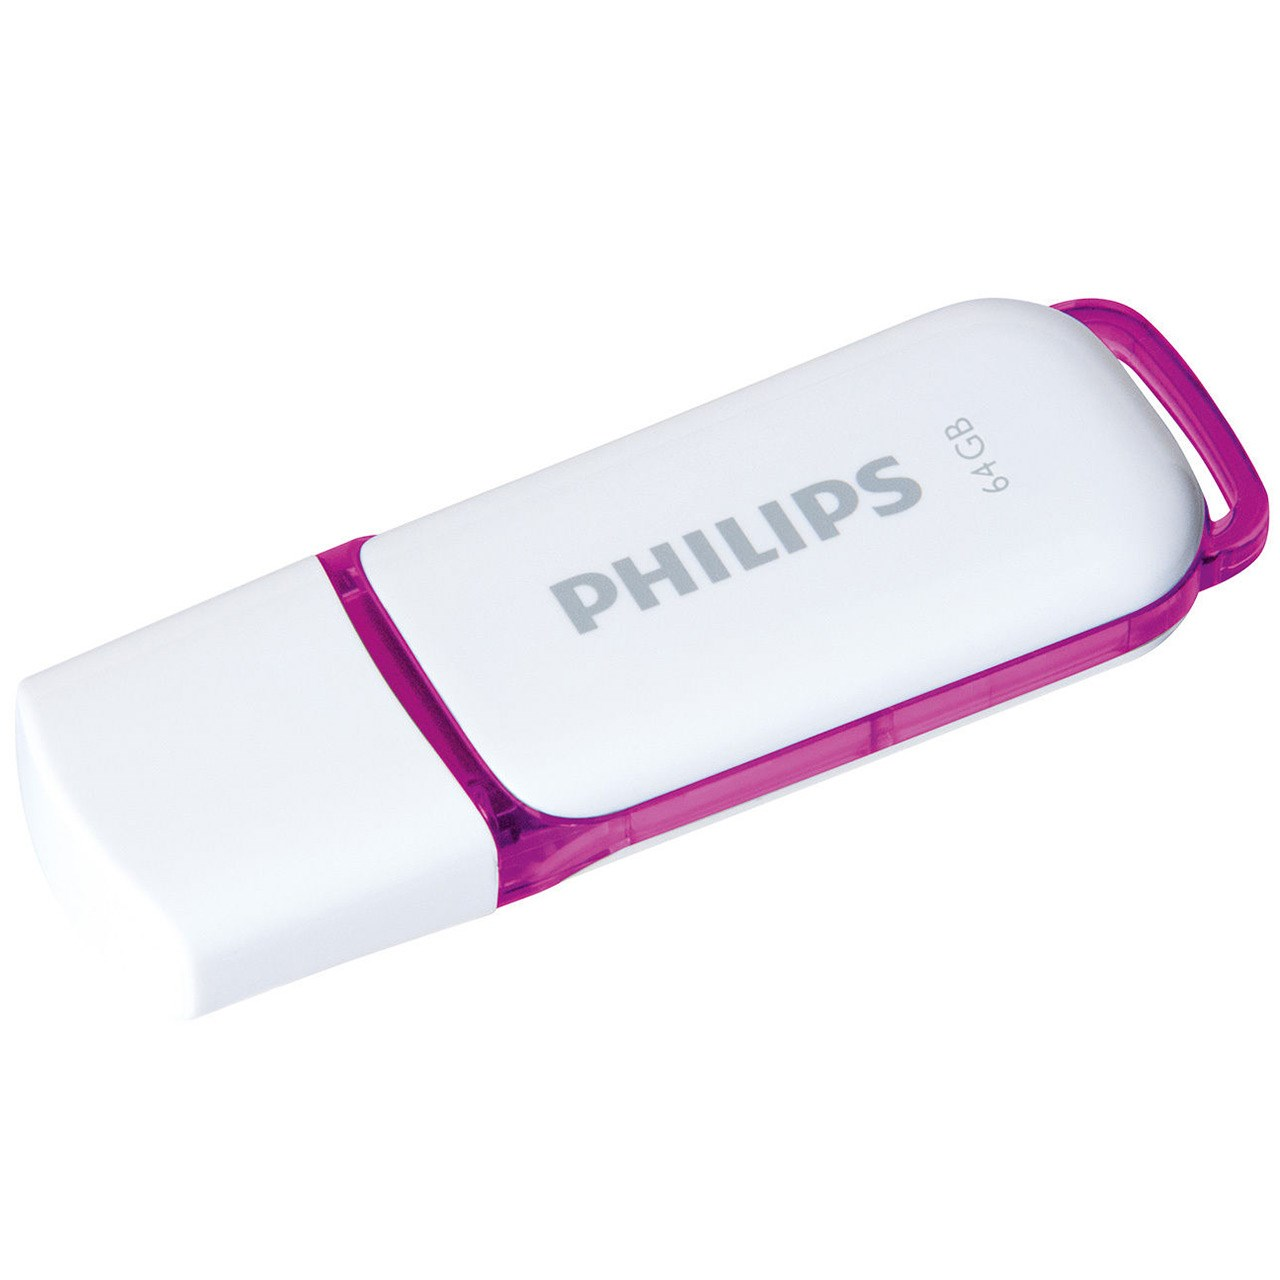 فلش مموری فیلیپس مدل Snow Edition ظرفیت ۶۴ گیگابایت